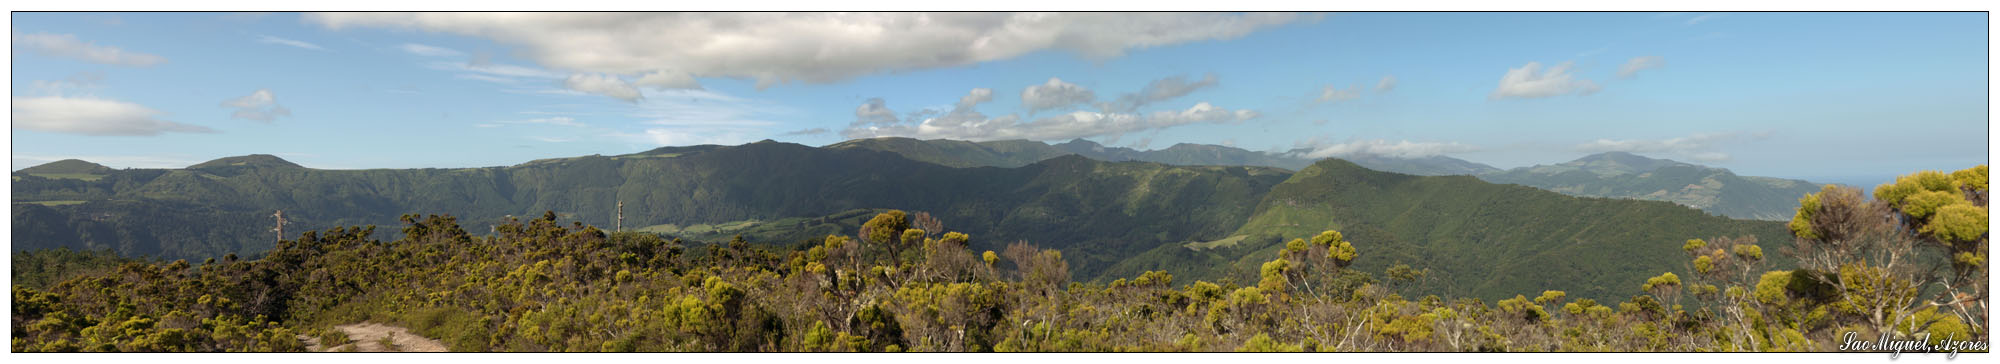 Hügellandschaft im Osten von Sao Miguel (Sao Miguel, Azoren)